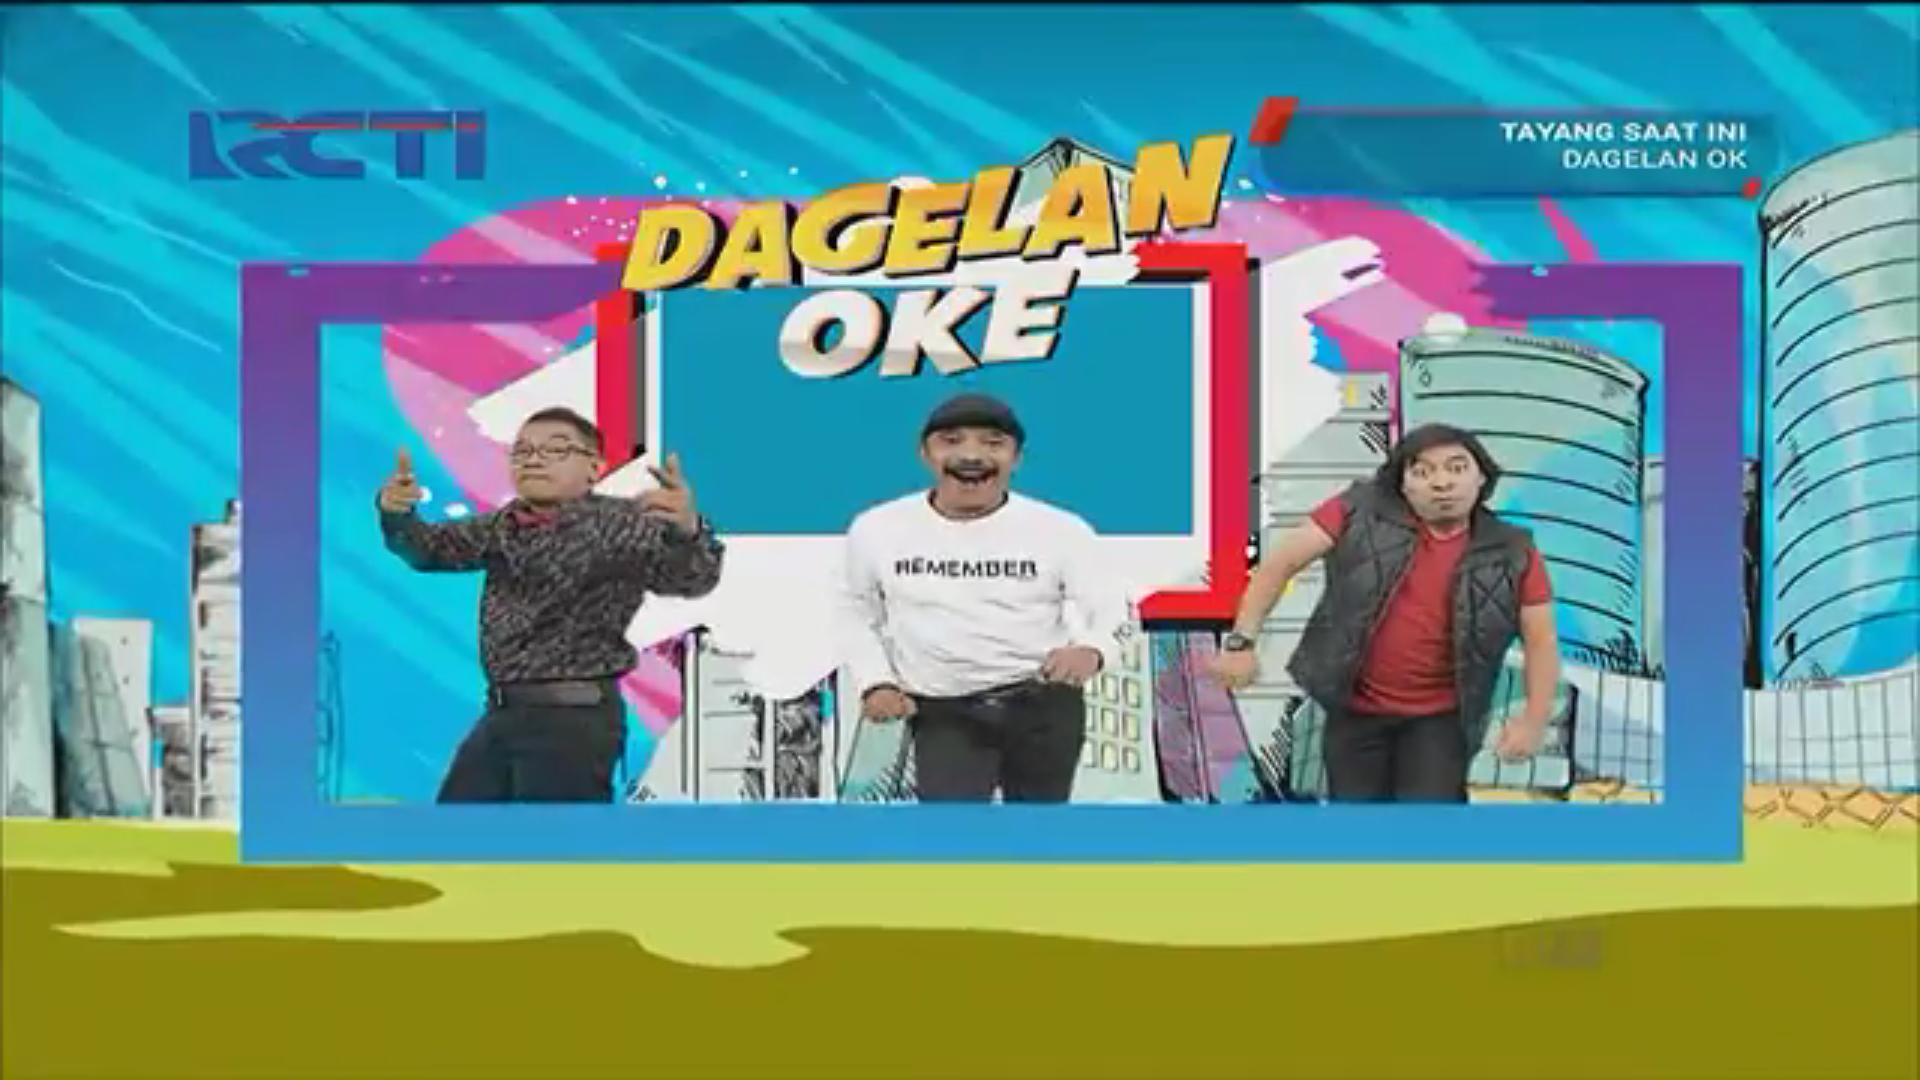 Dagelan Oke